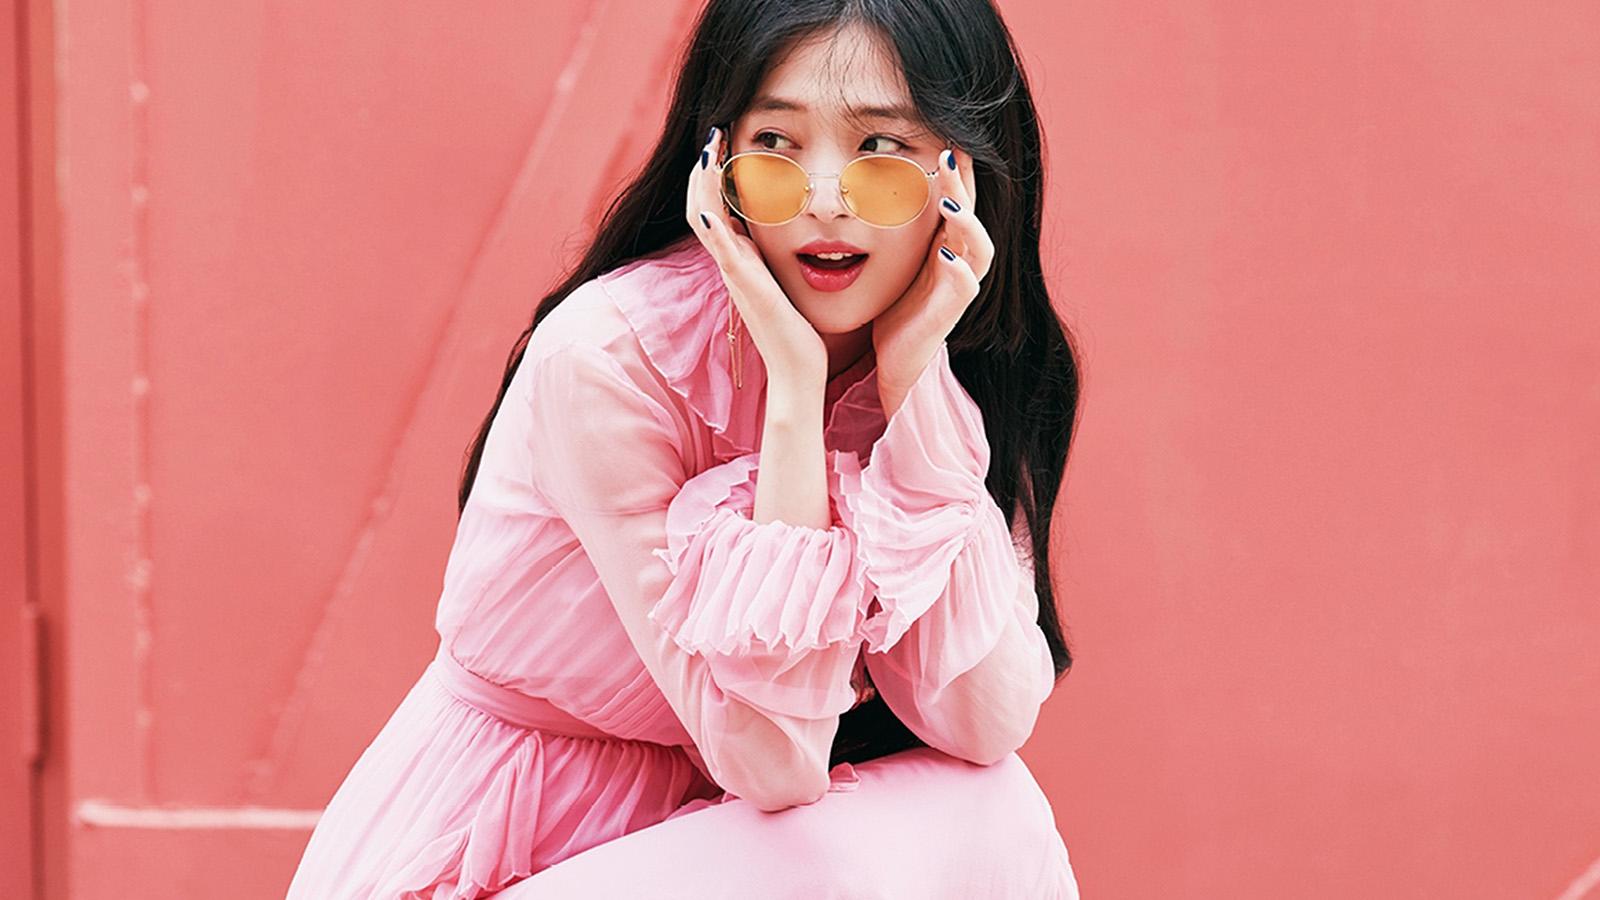 ho95-sulli-girl-kpop-pink-wallpaper